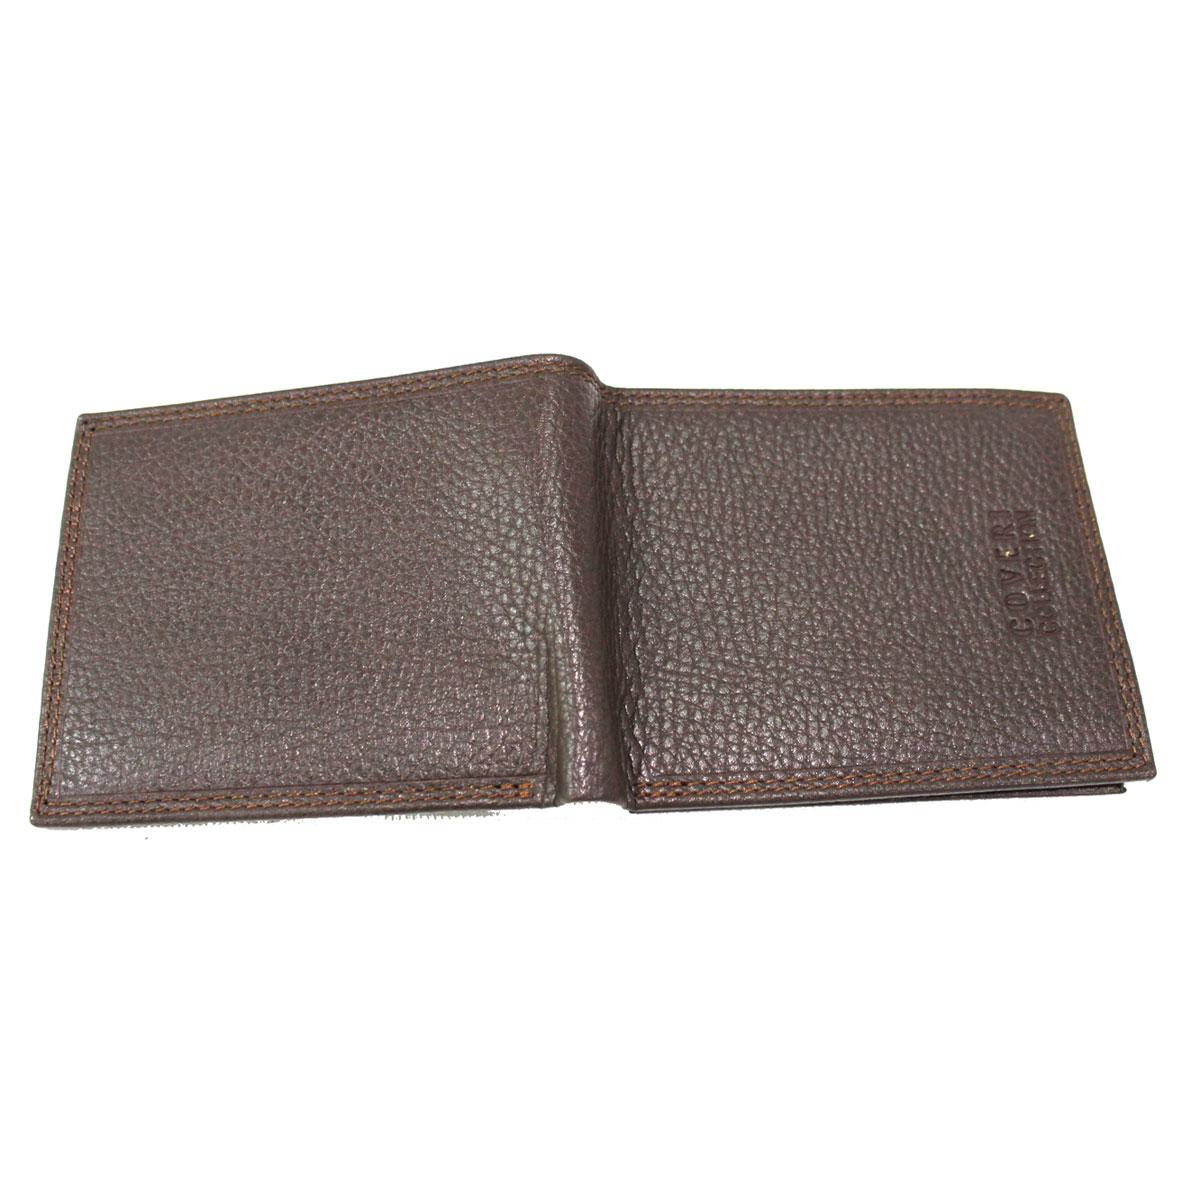 d889bbede7 €20,36. Portafoglio uomo pelle modello piccolo portamonete Coveri  Collection 217-992 brw ...